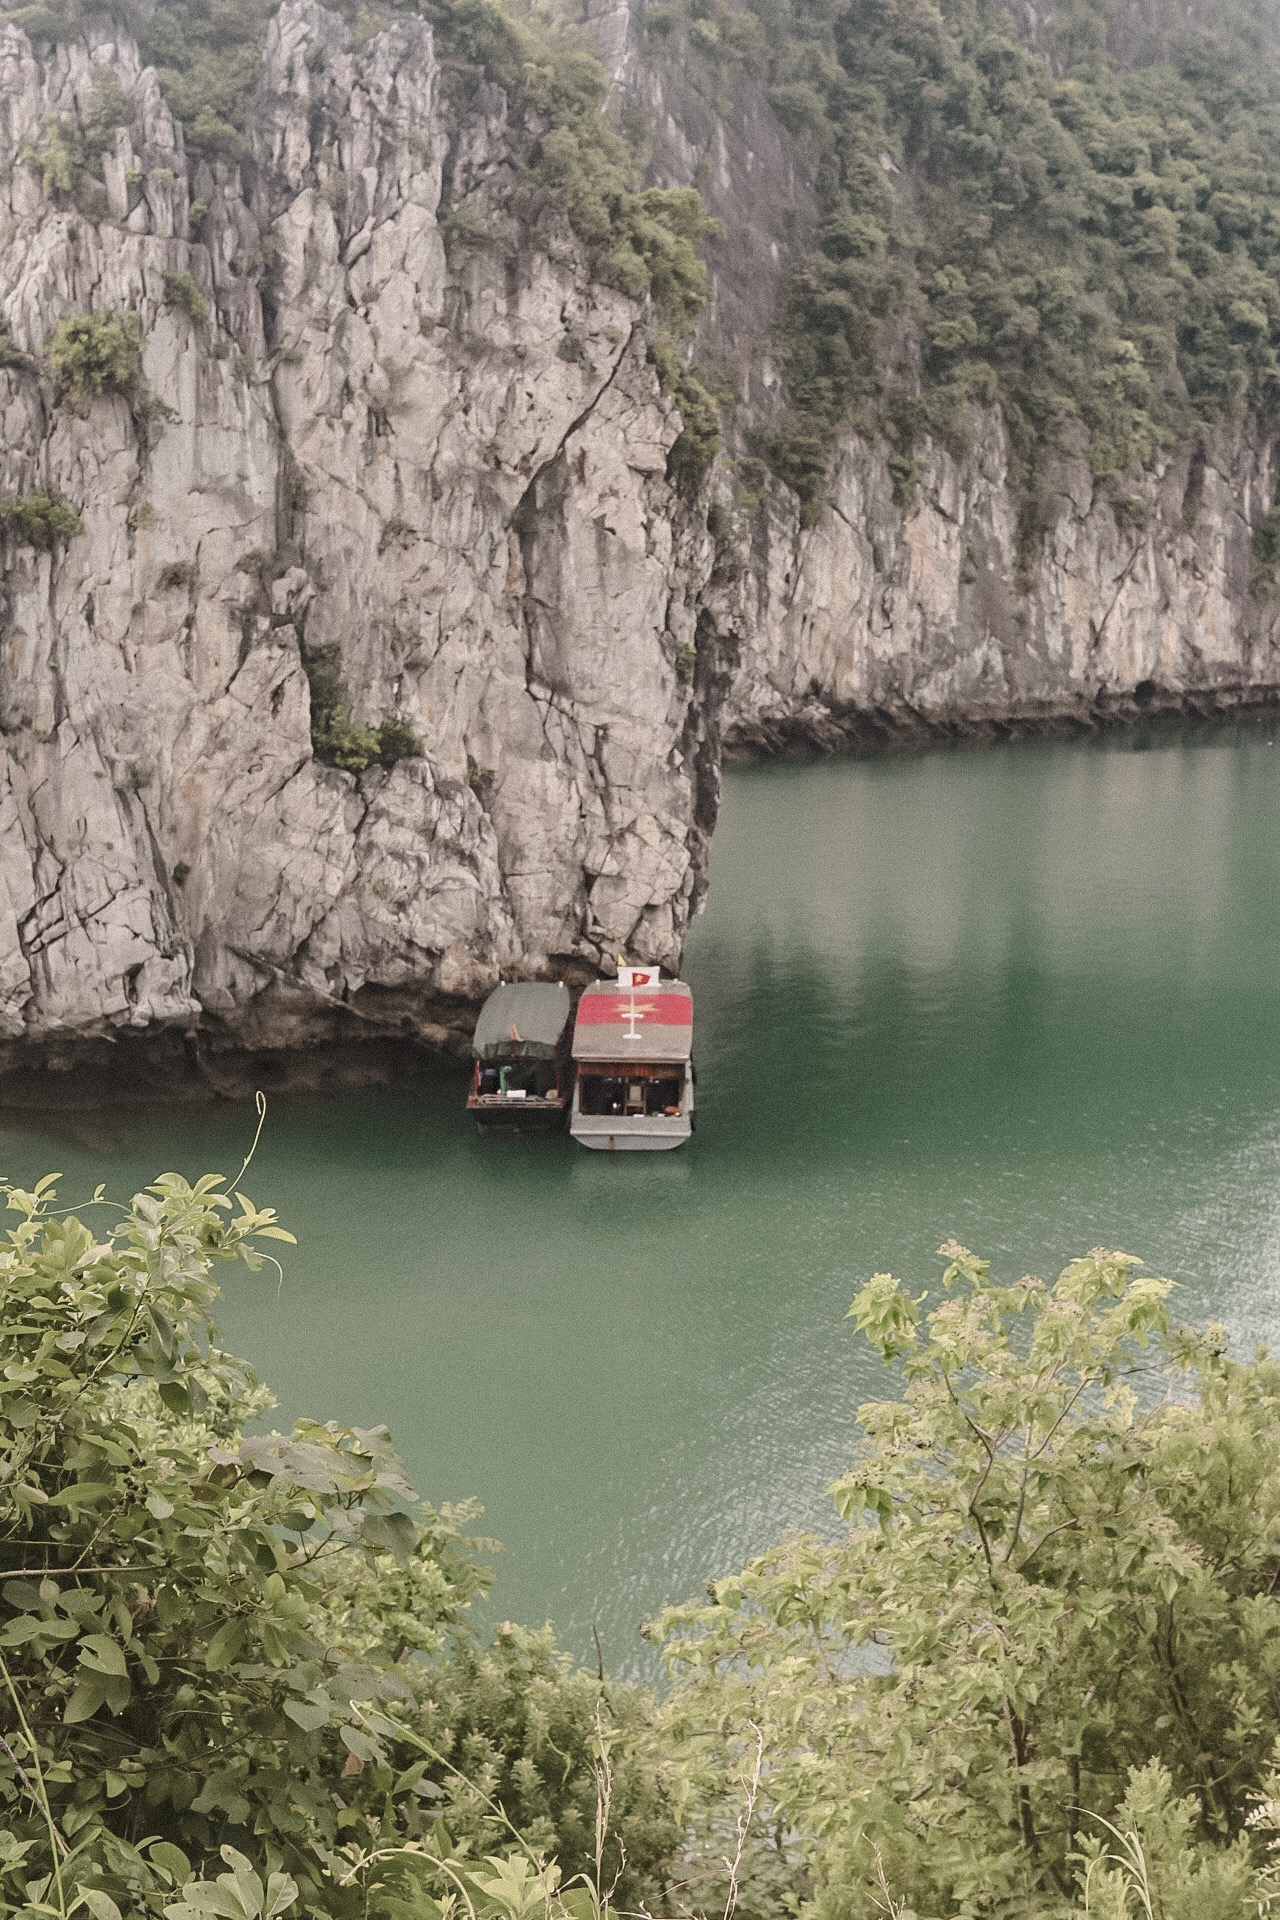 Illustrated by Sade - View of Ha Long Bay Vietnam